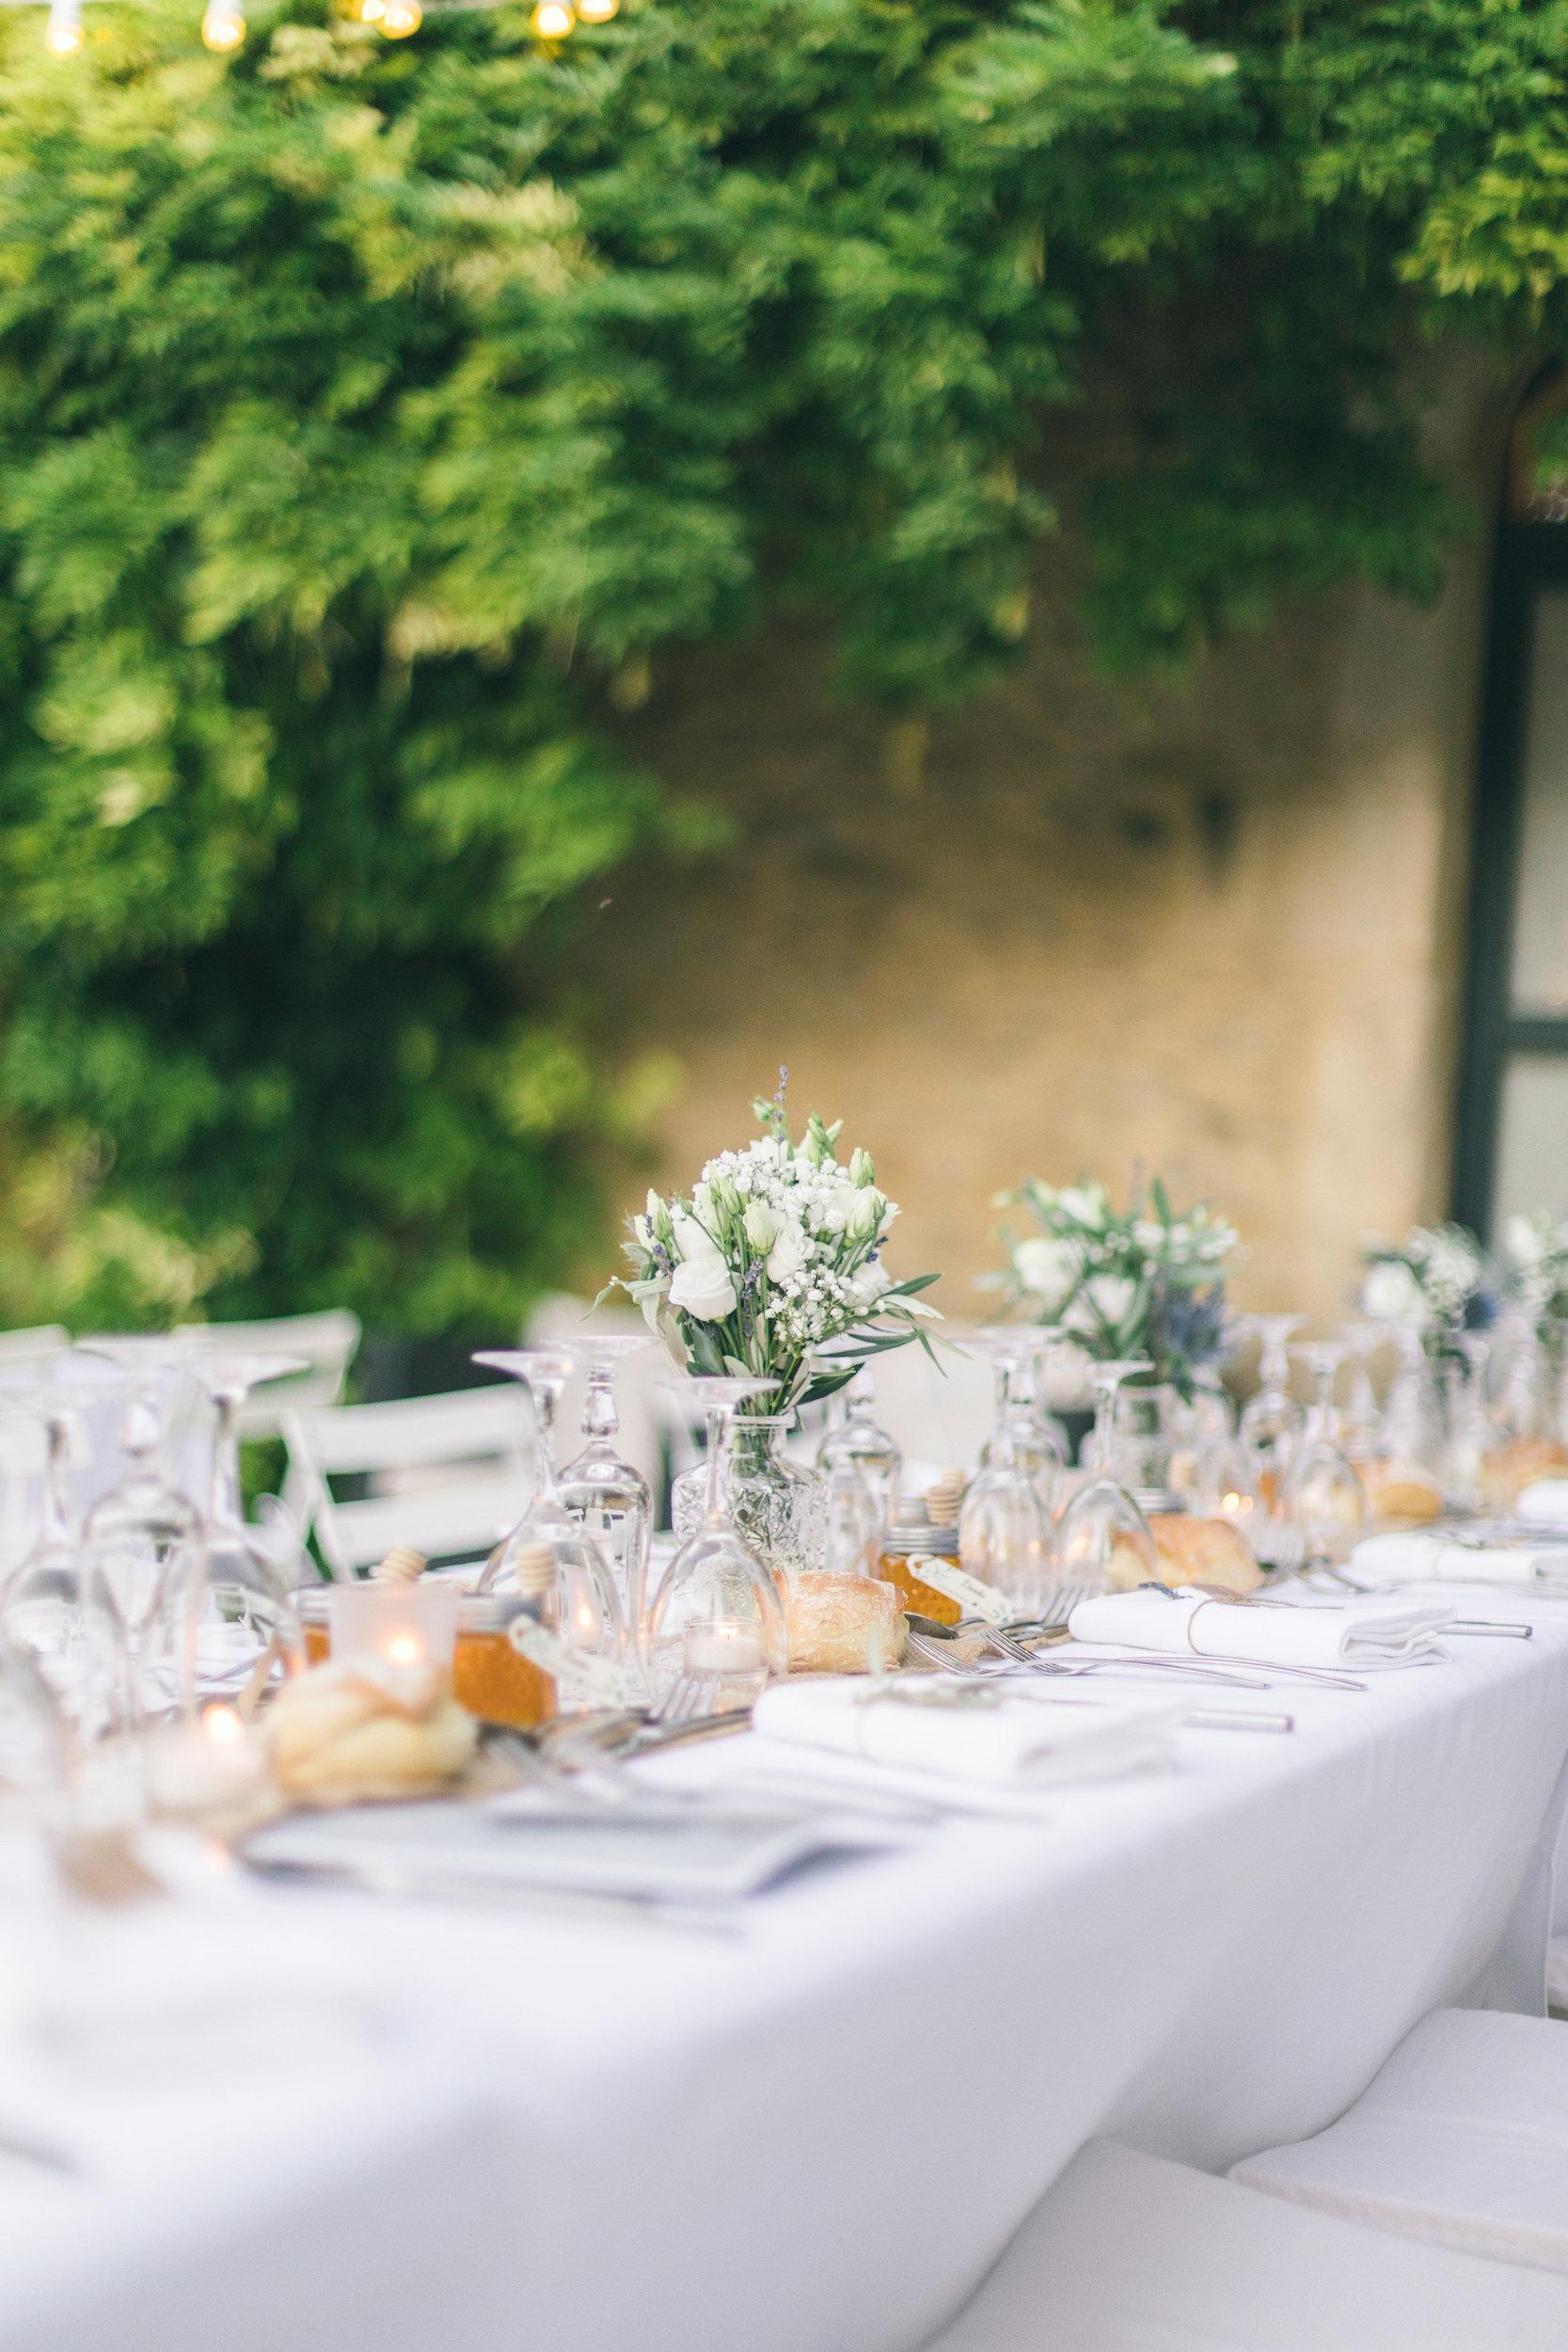 le coeur dans les etoiles - wedding planner - gard - provence - mariage provence - L&C - sebastien cabanes - deco table